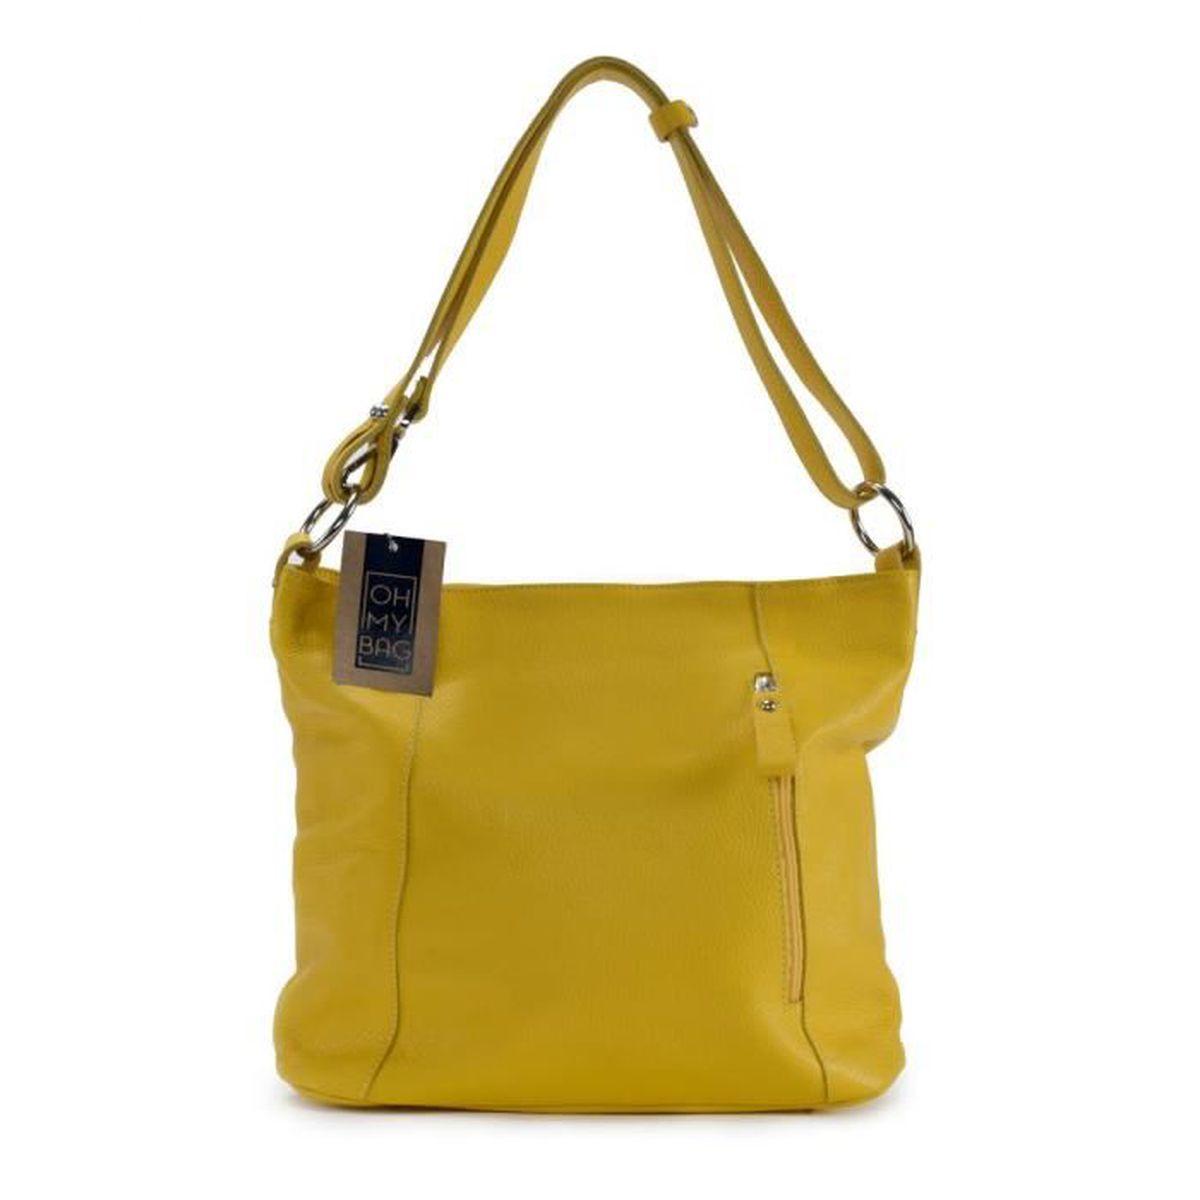 db10413e30f Sac à Main femme en CUIR italien - Modèle So Chic jaune - Achat ...